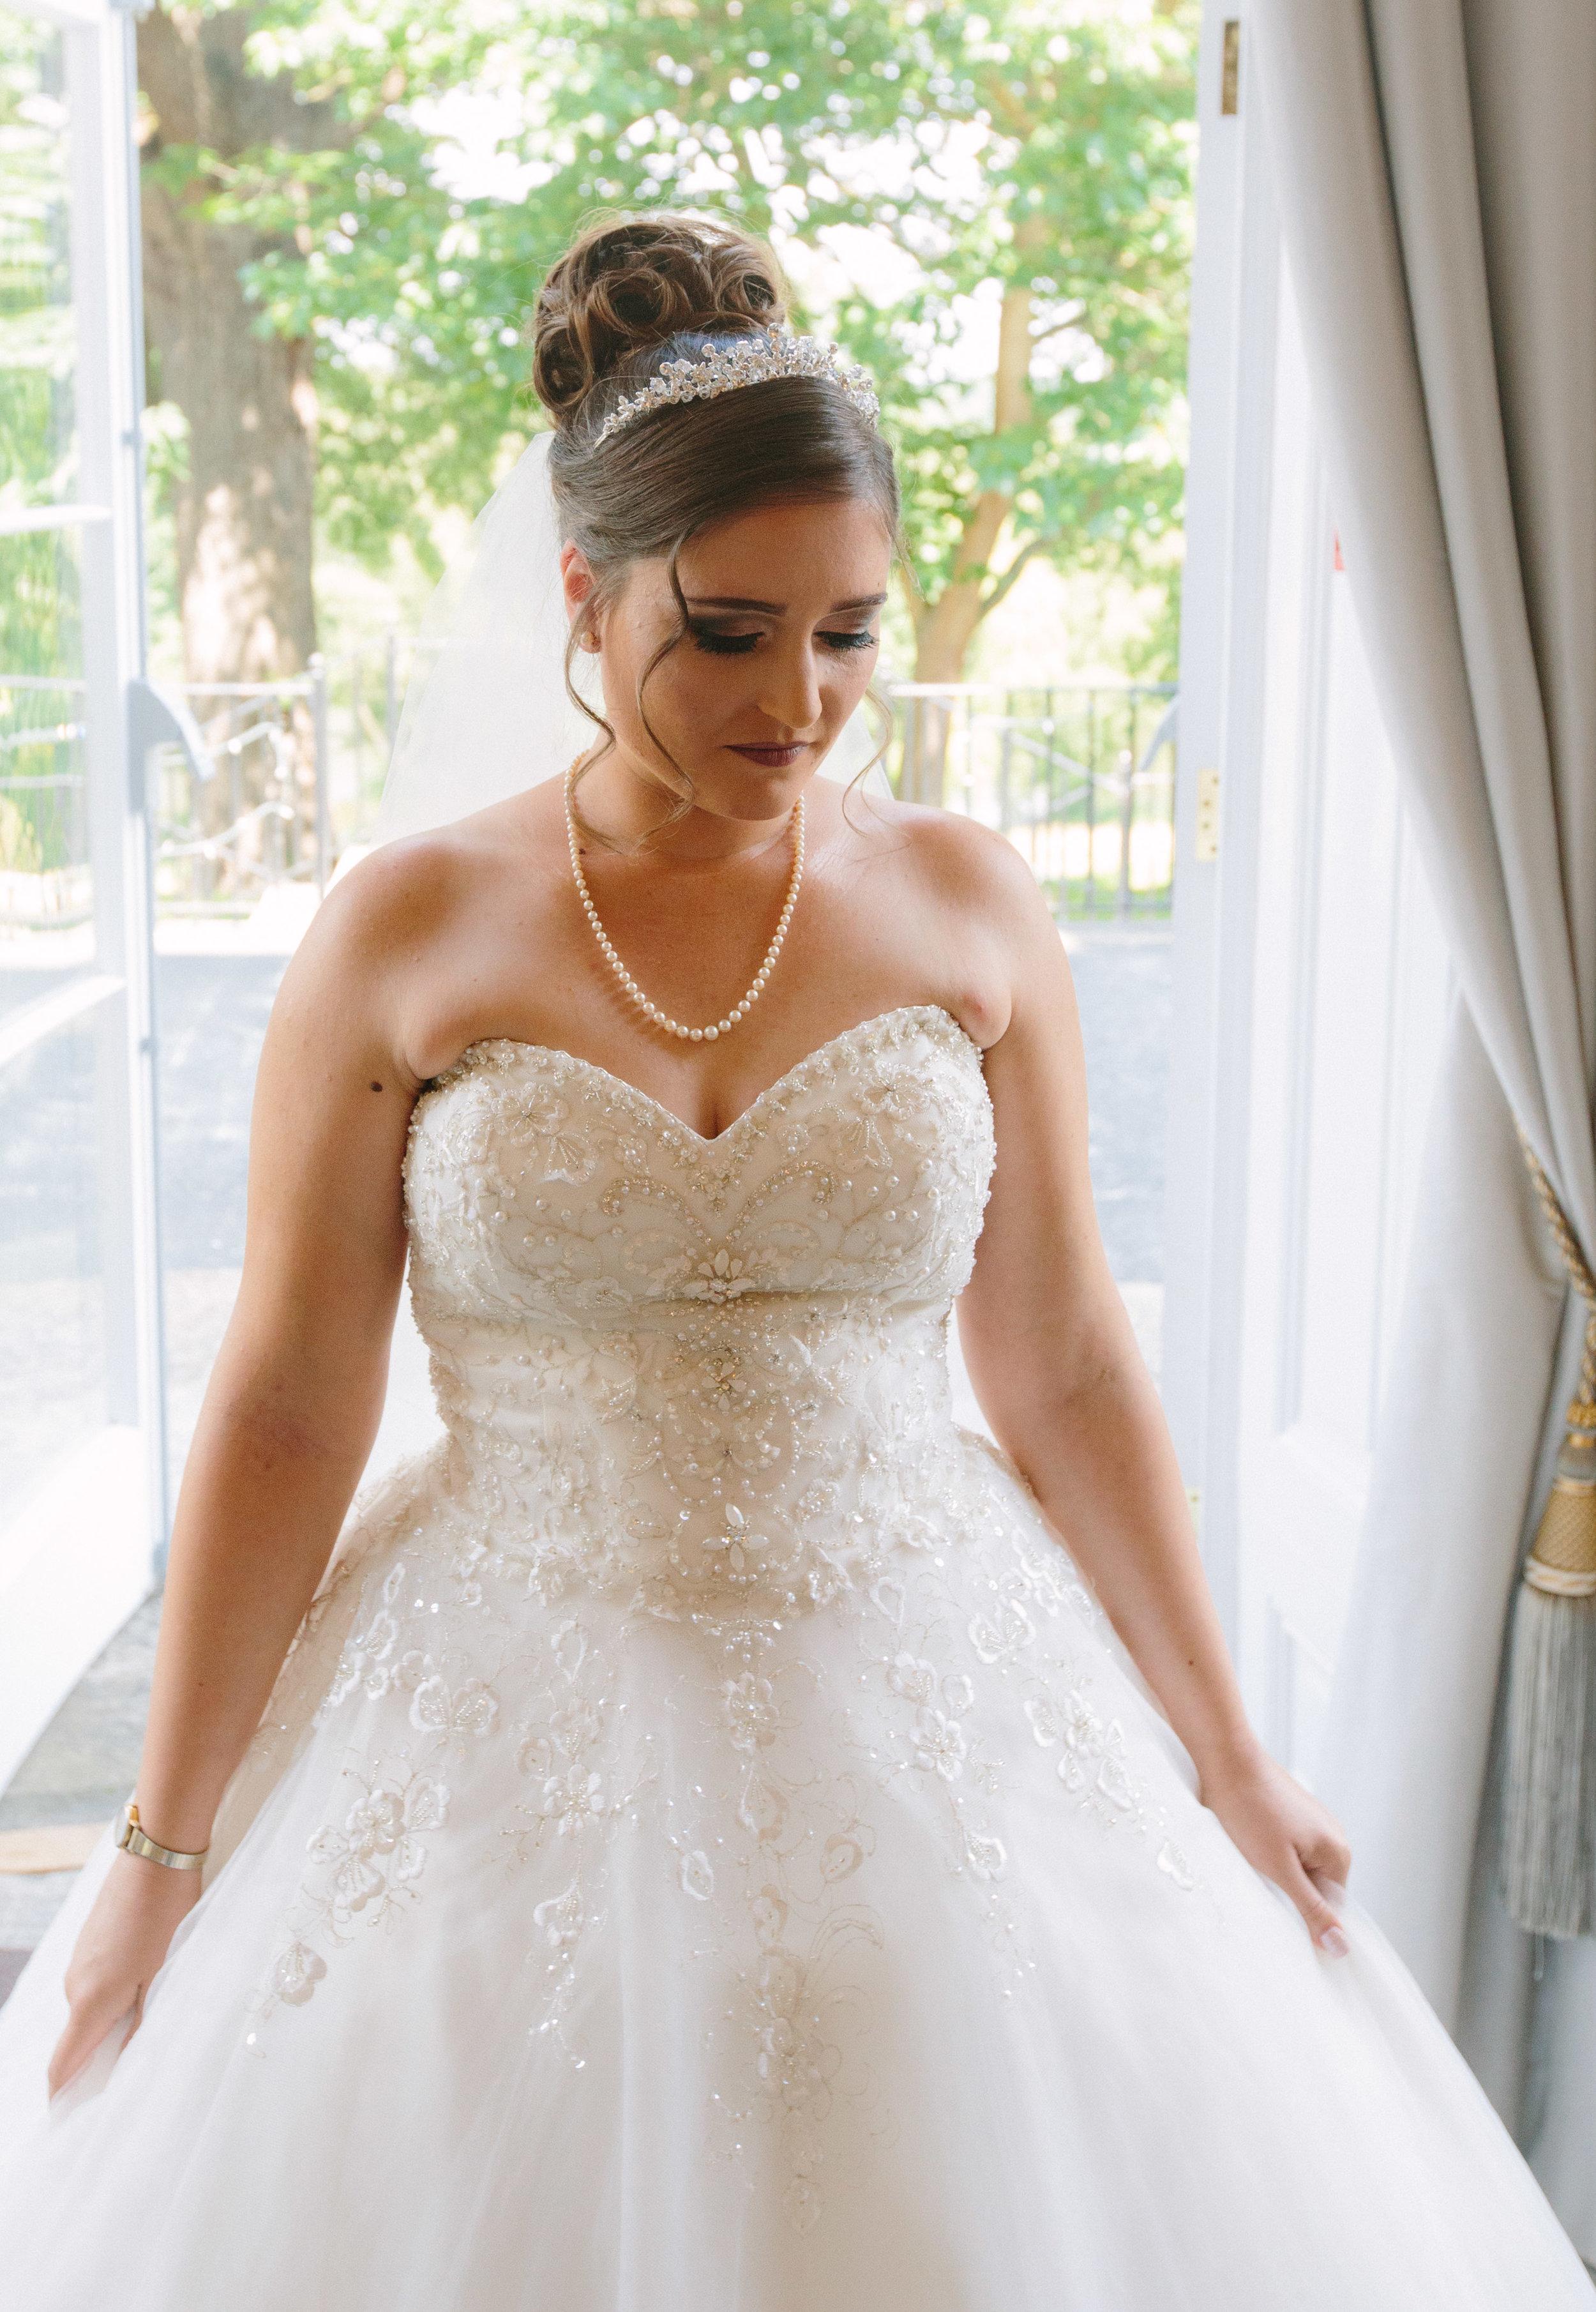 HamptonCourt-Wedding-Weybridge-Surrey-London-OatlandsParkHotel-15